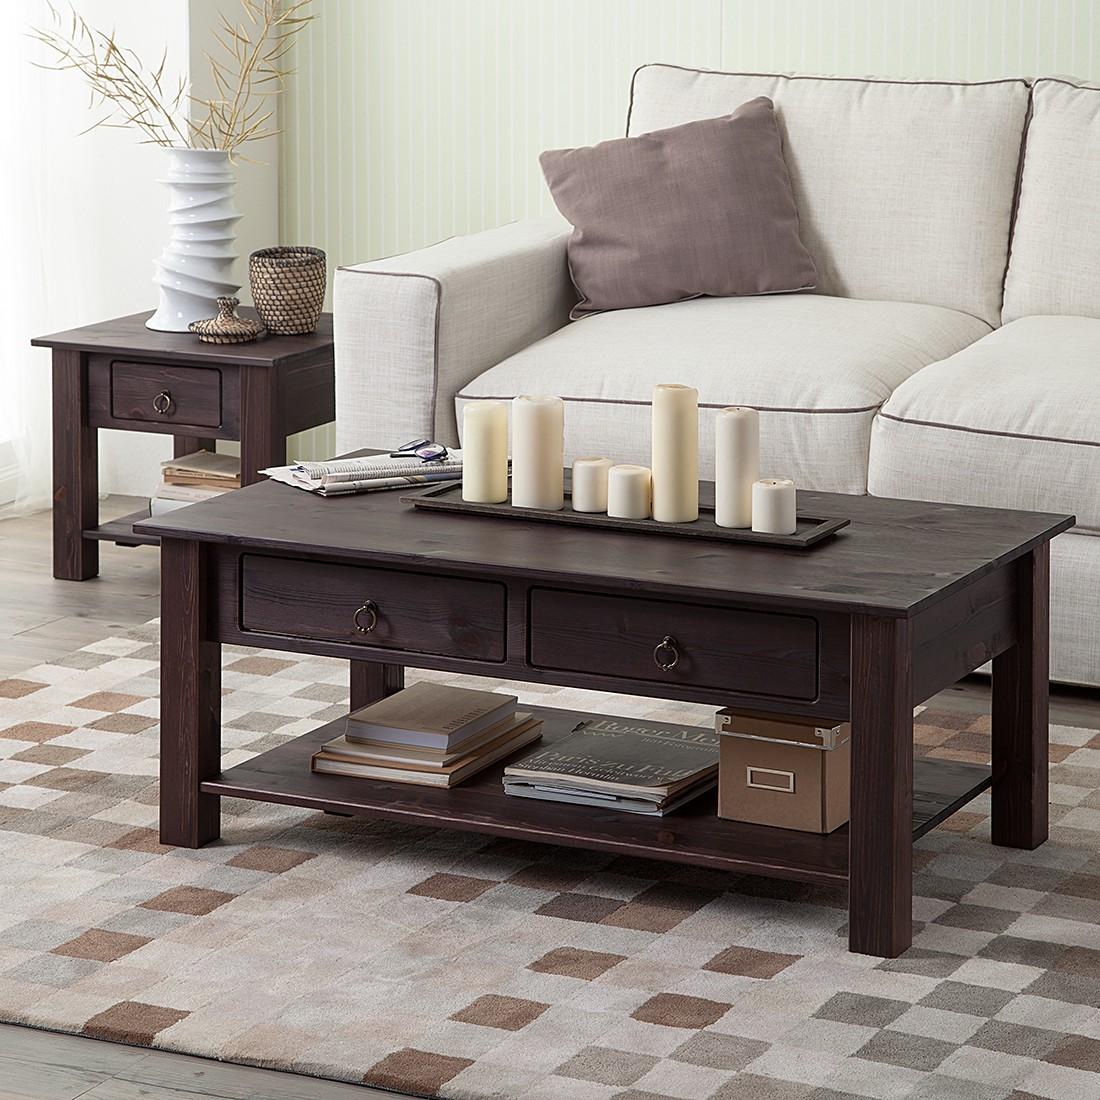 couchtisch valmer ii kiefer massiv couch tisch. Black Bedroom Furniture Sets. Home Design Ideas